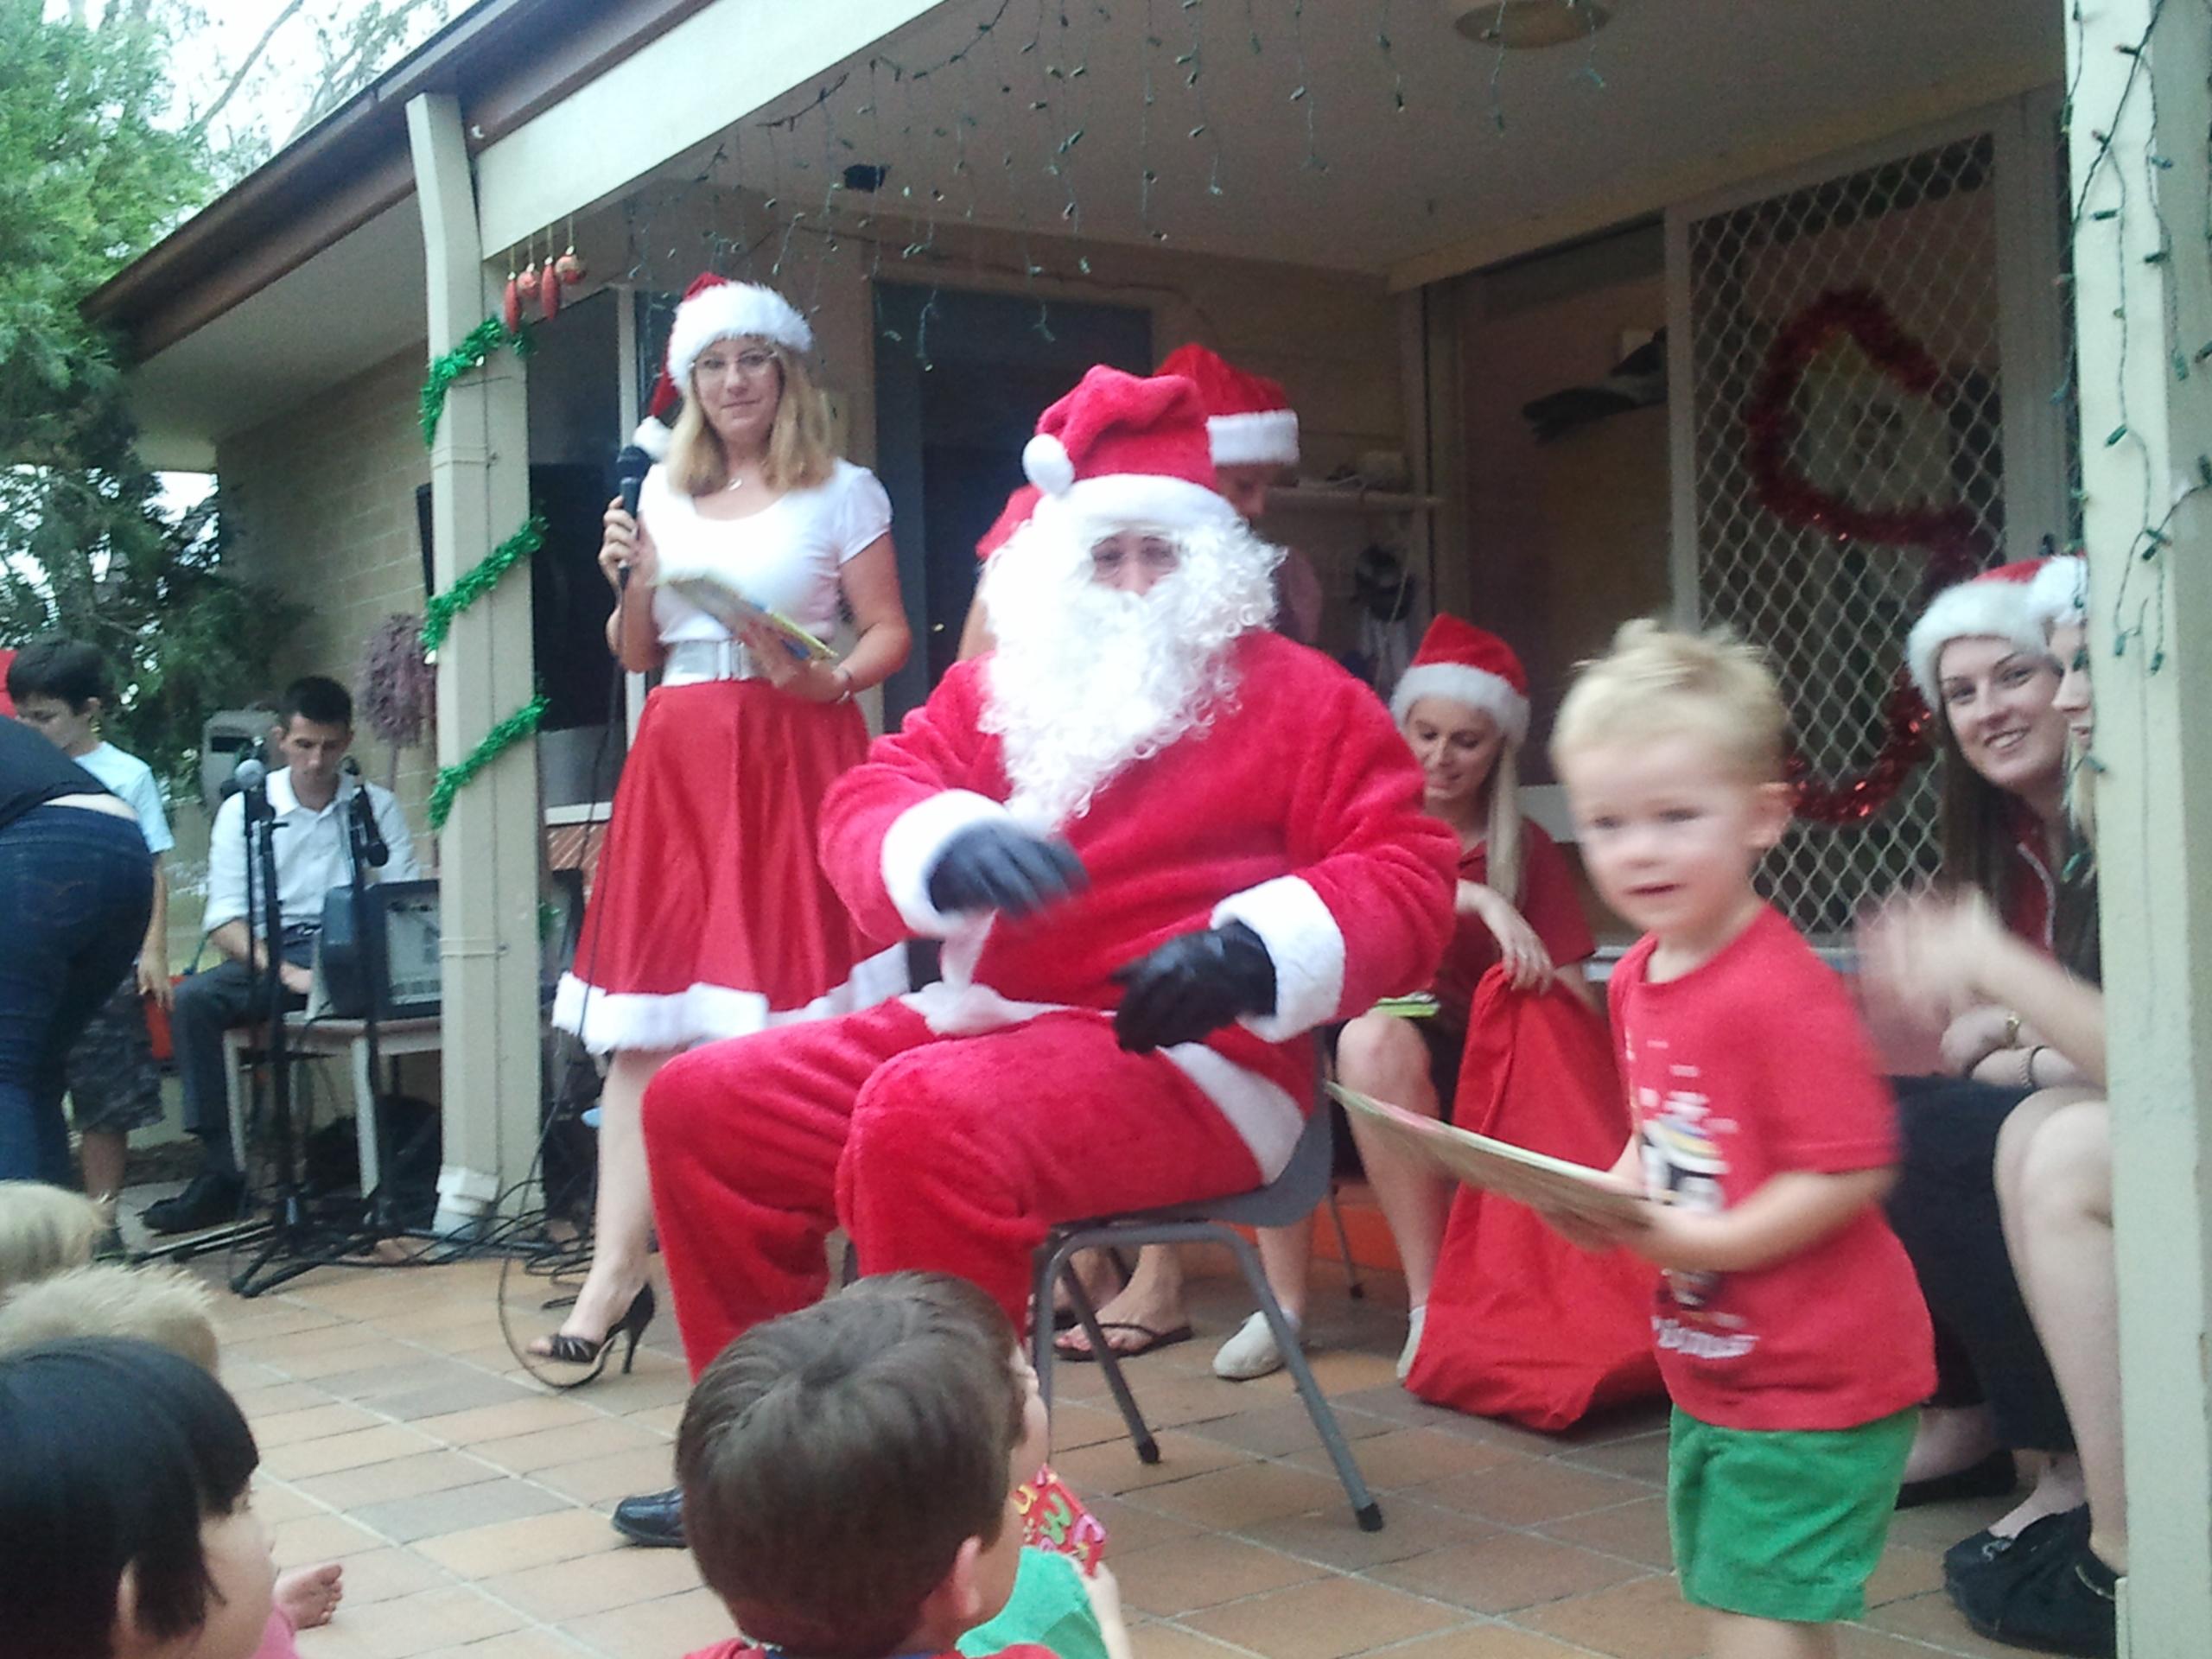 Running from Santa